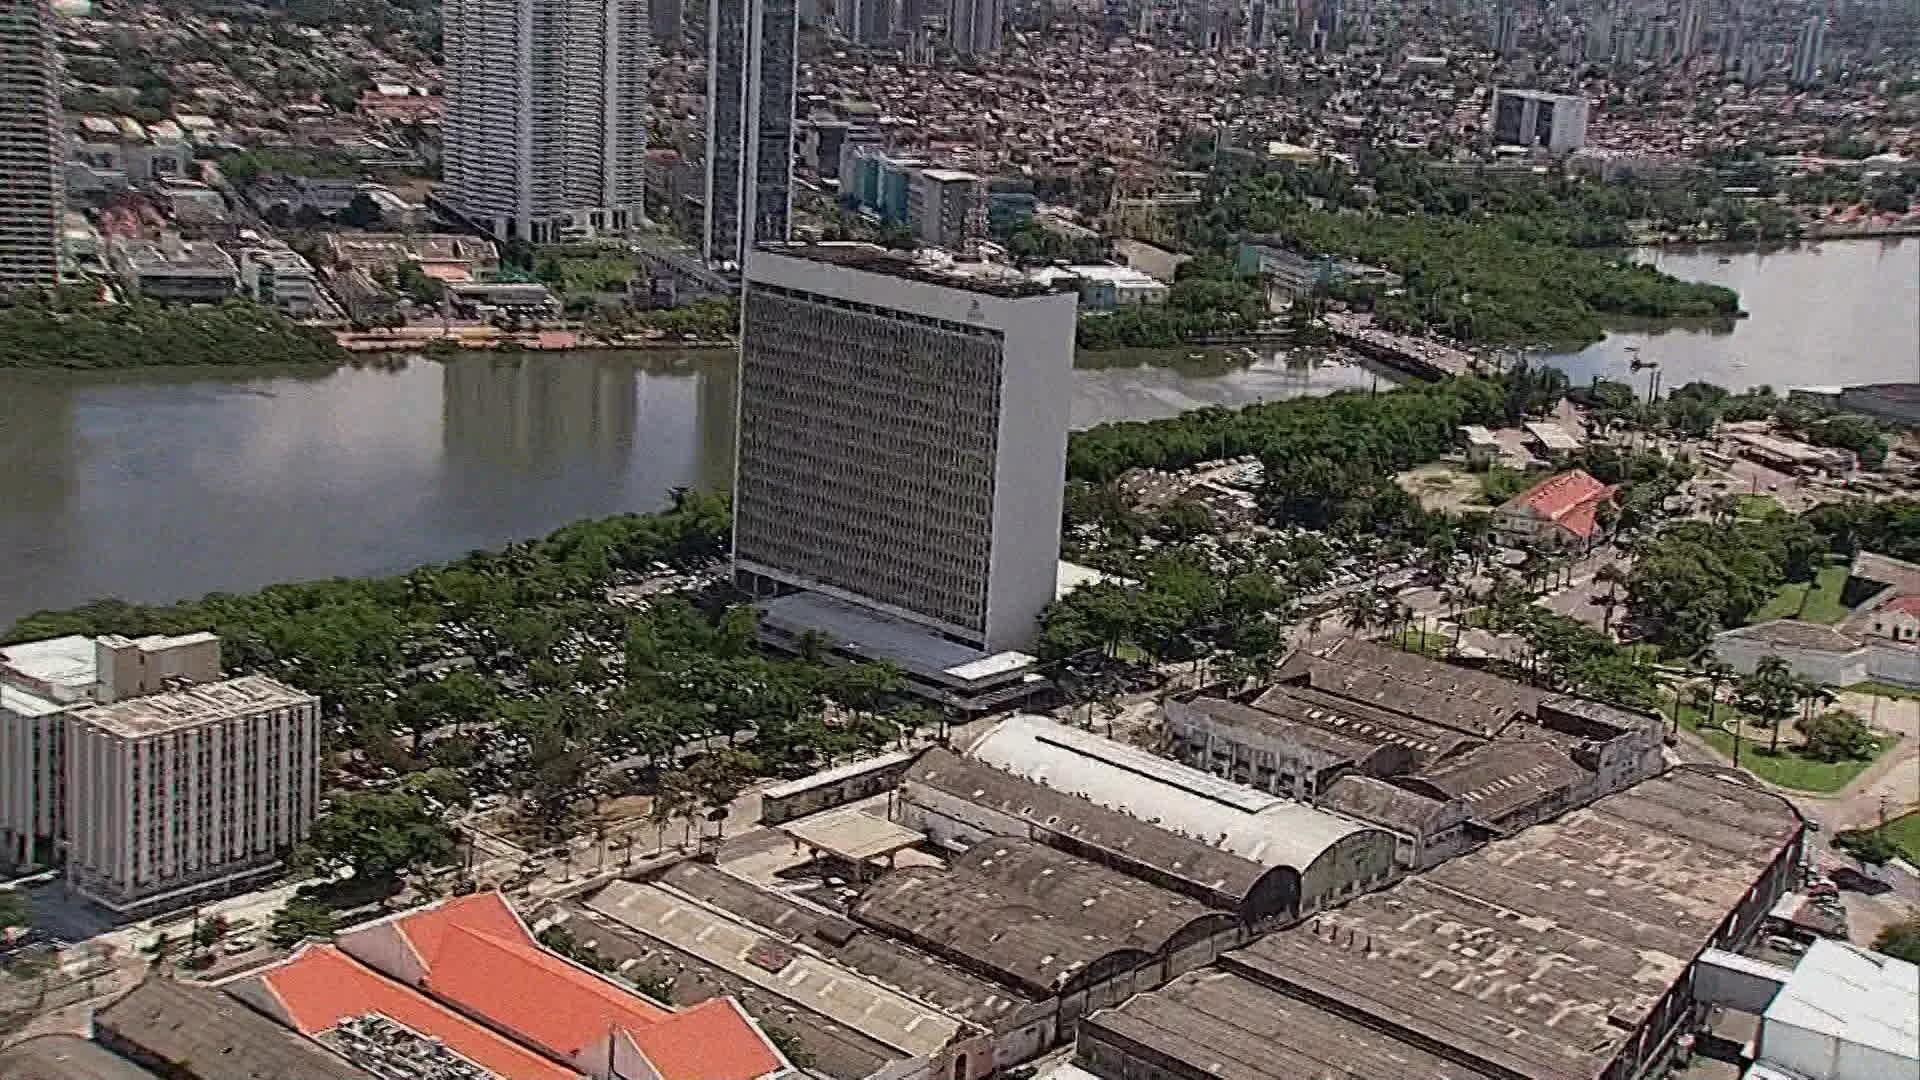 Recife anuncia corte de gastos de R$ 180 milhões para criar leitos de UTI e medidas de assistência social